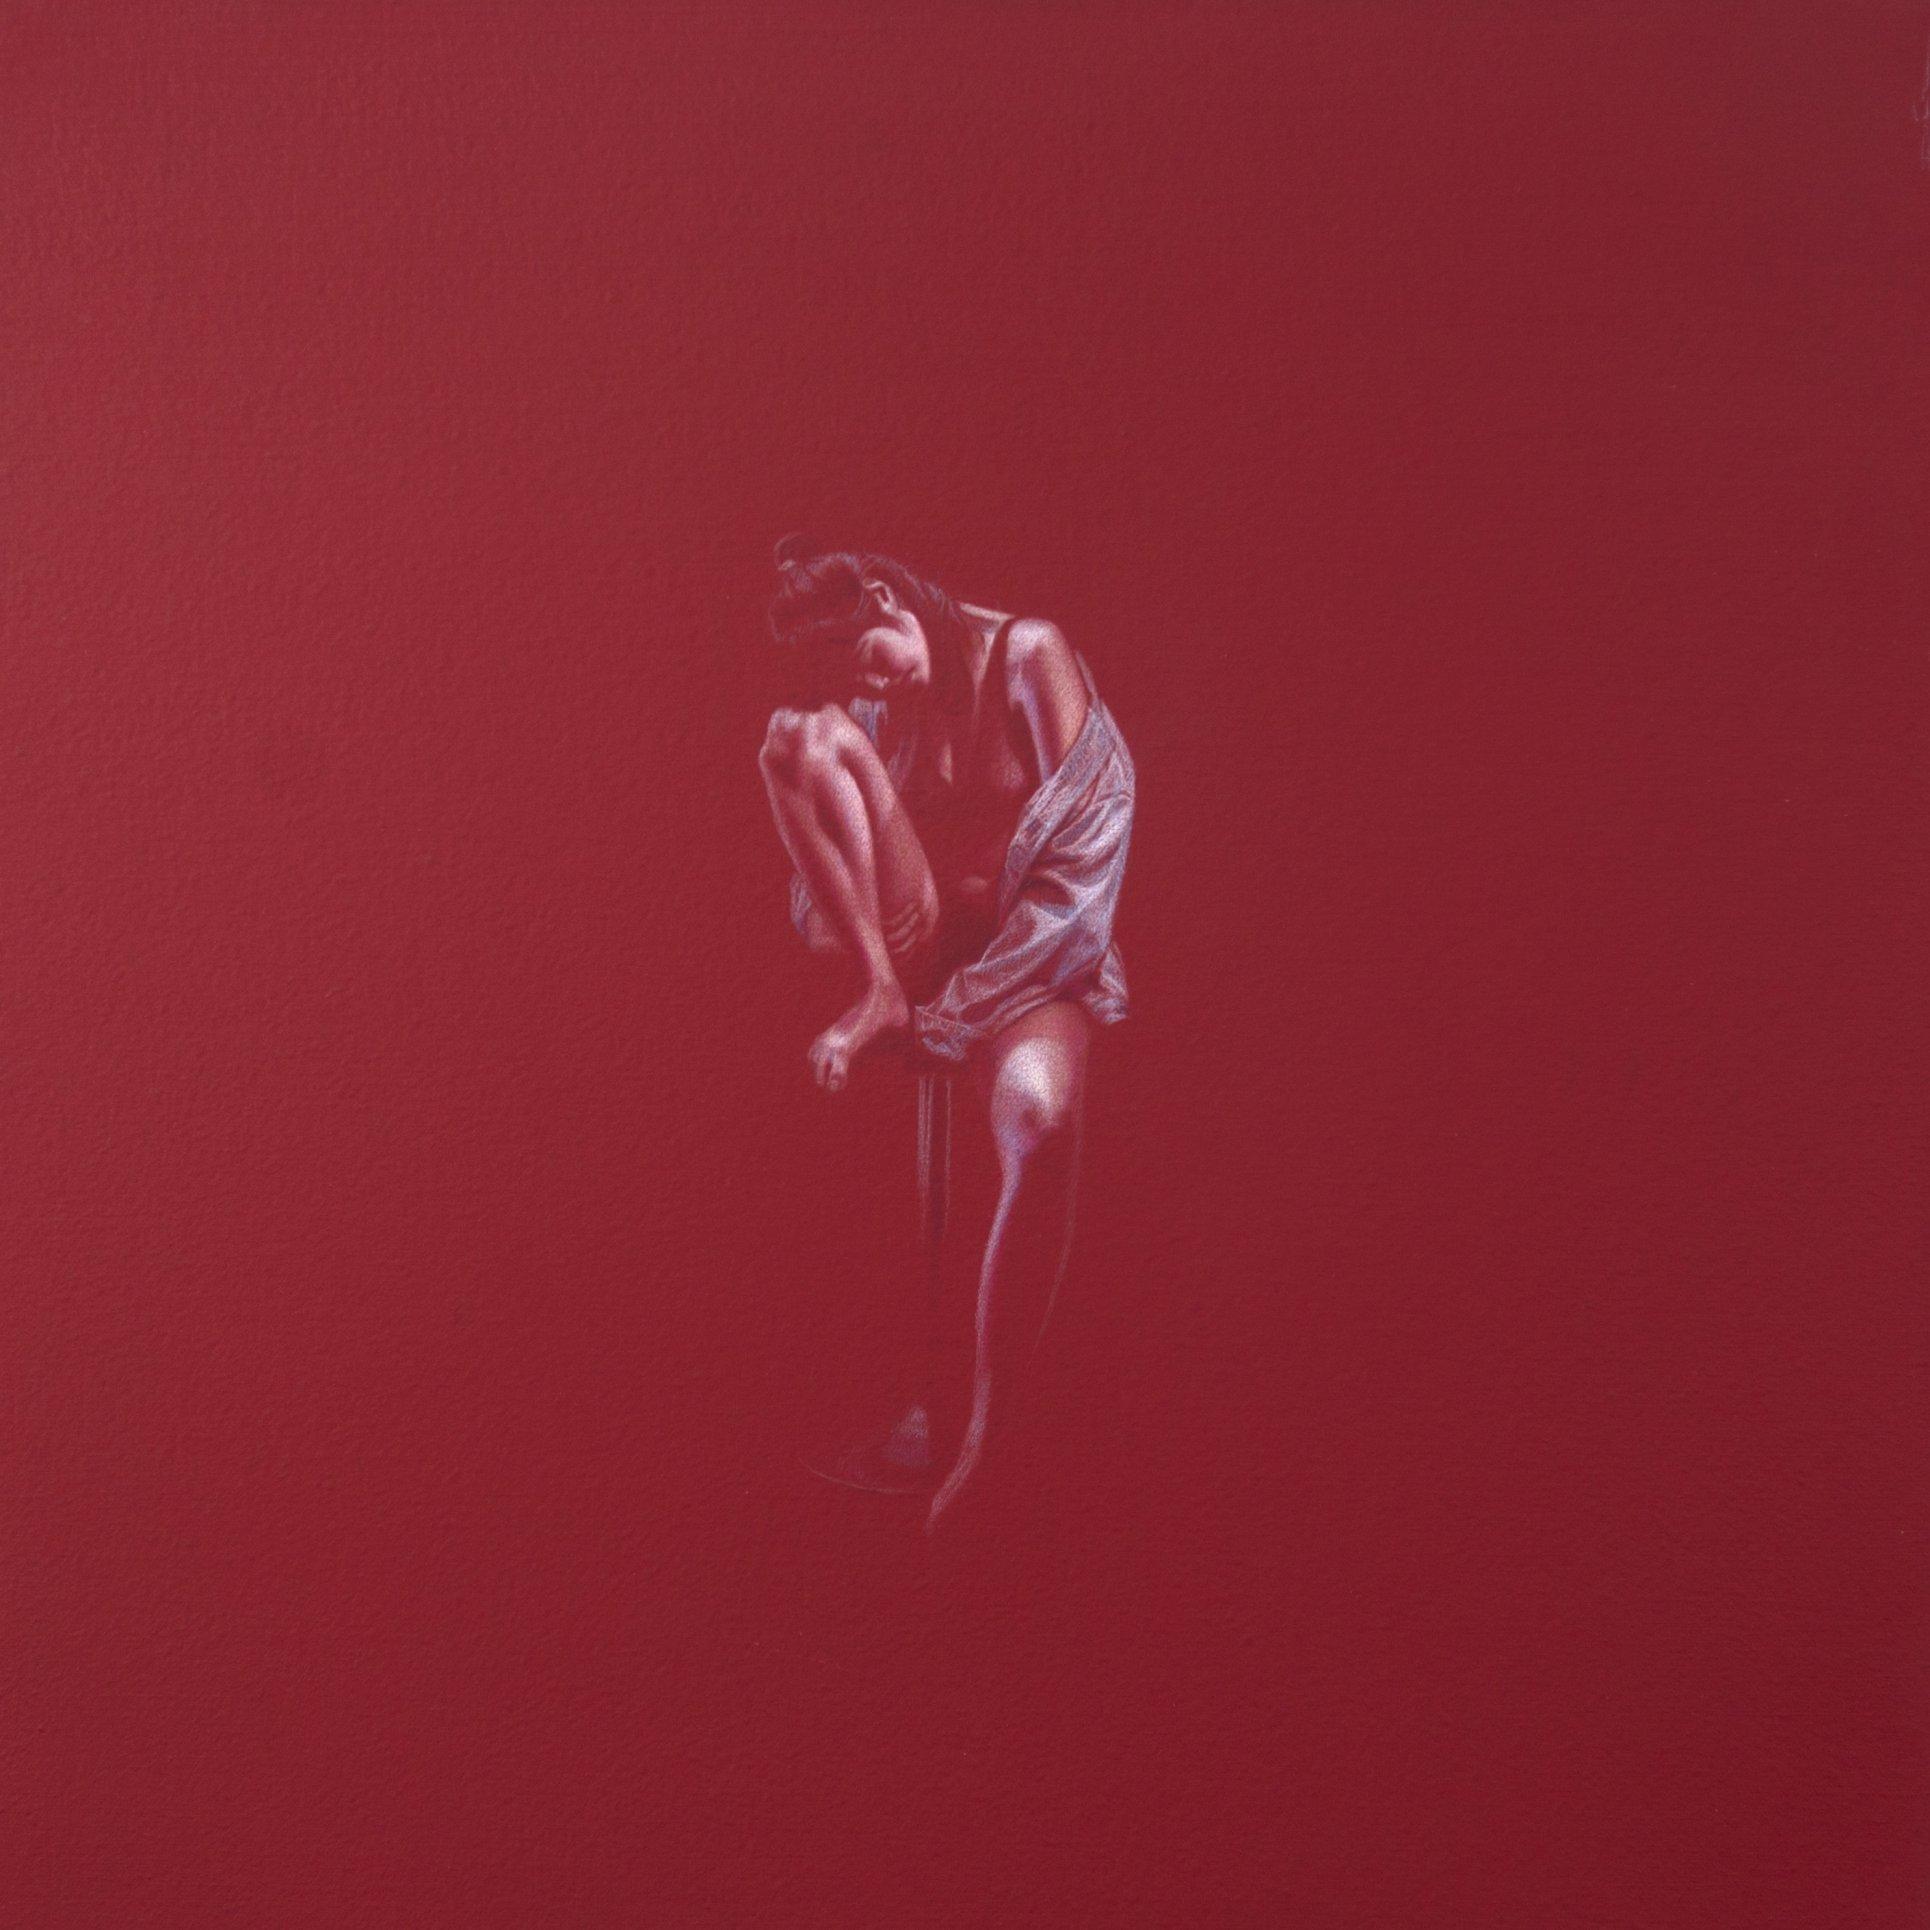 Andrea en Rojo (2019) - Diego Díaz